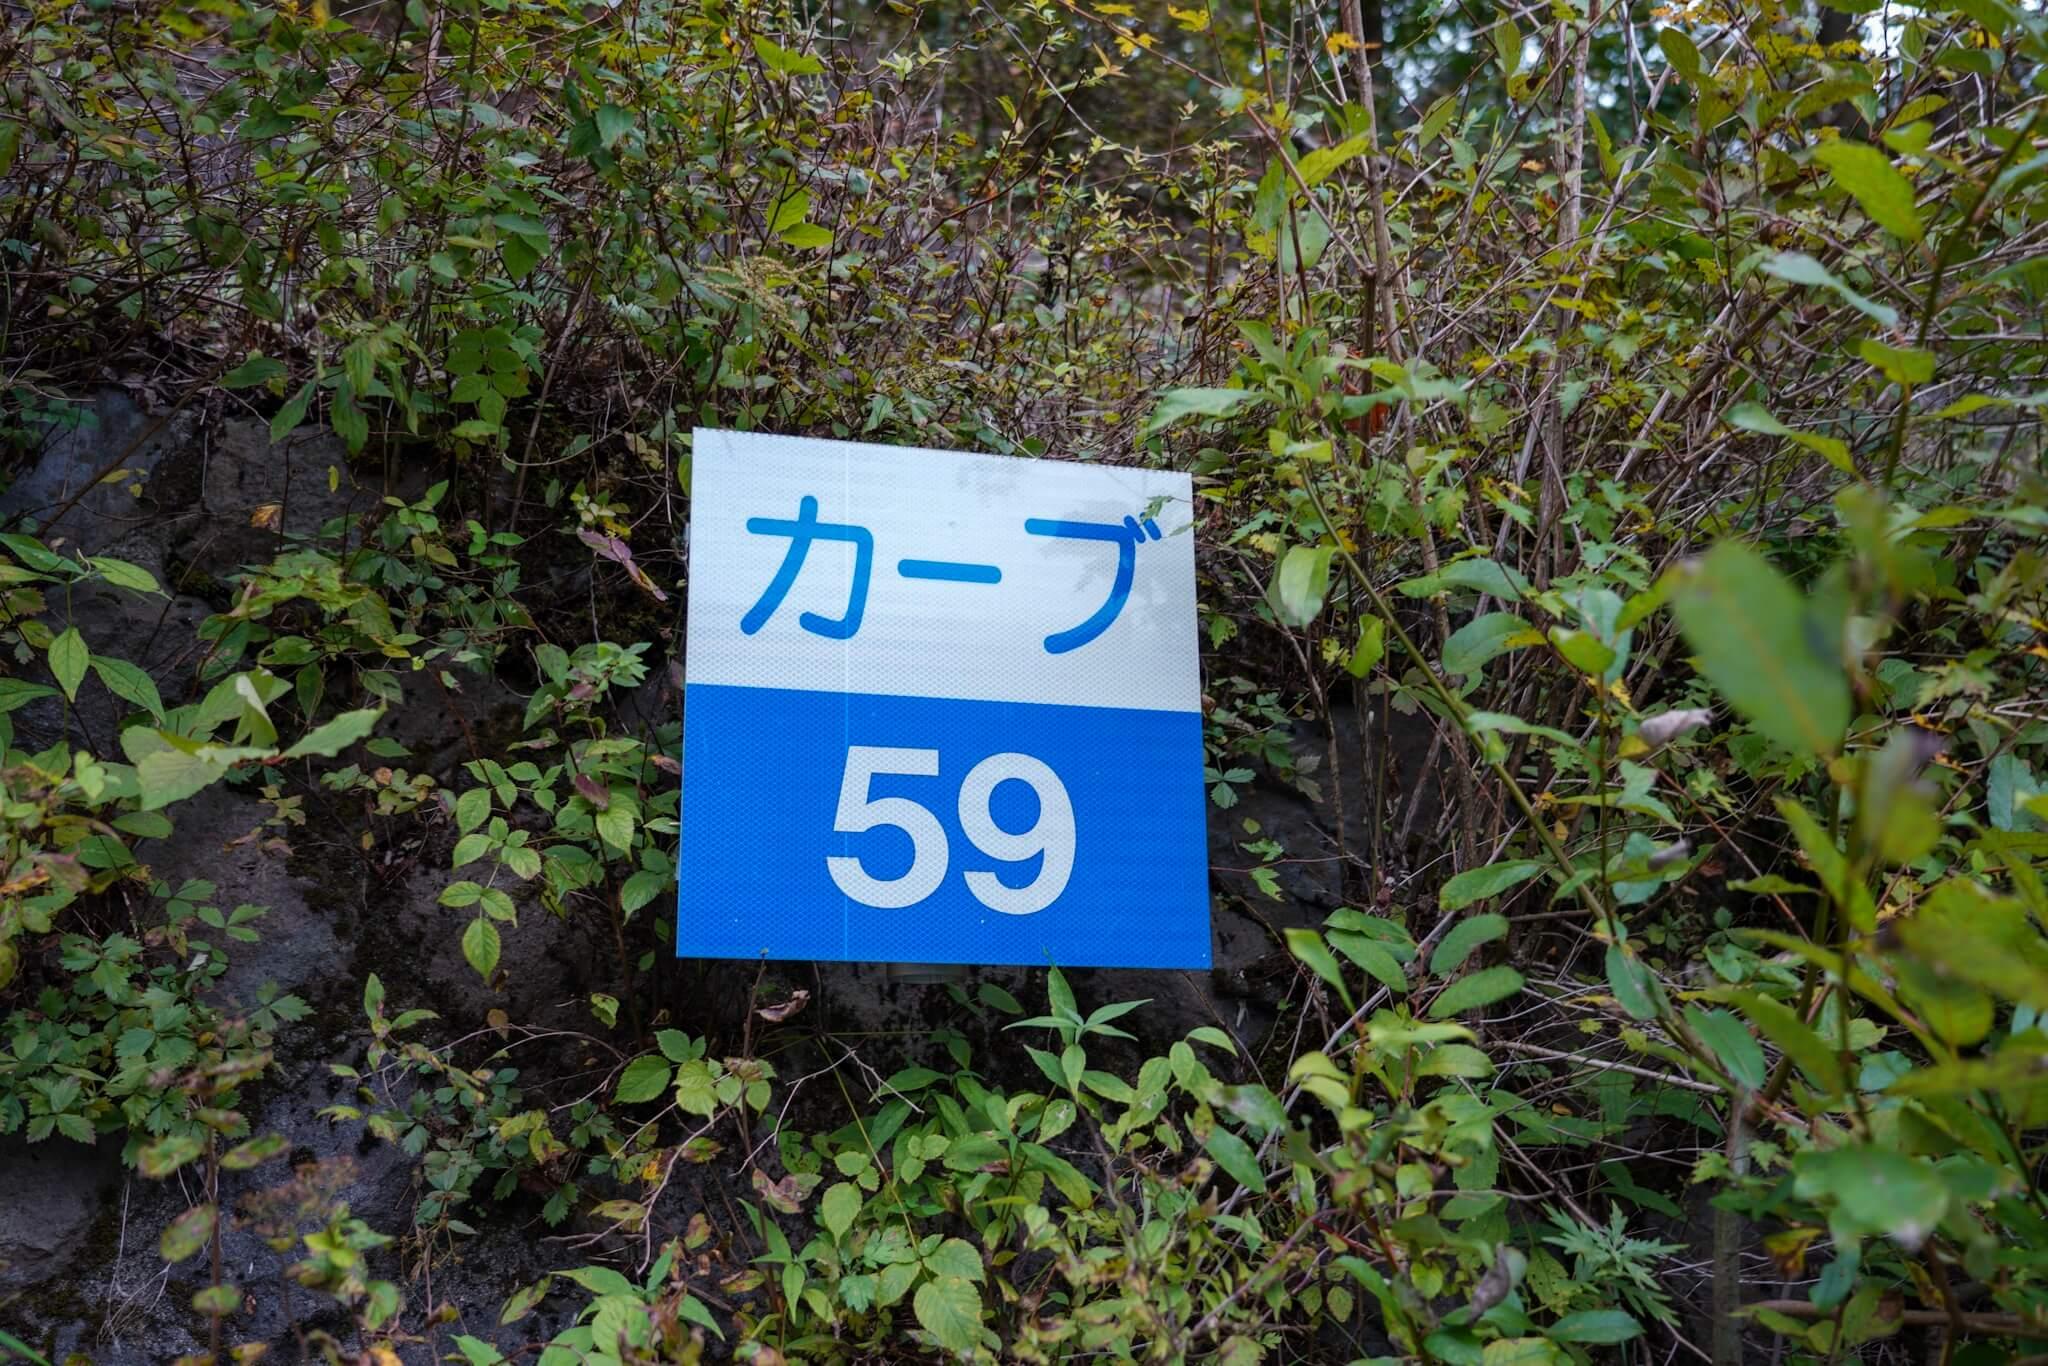 赤城山 峠 カーブNo.59